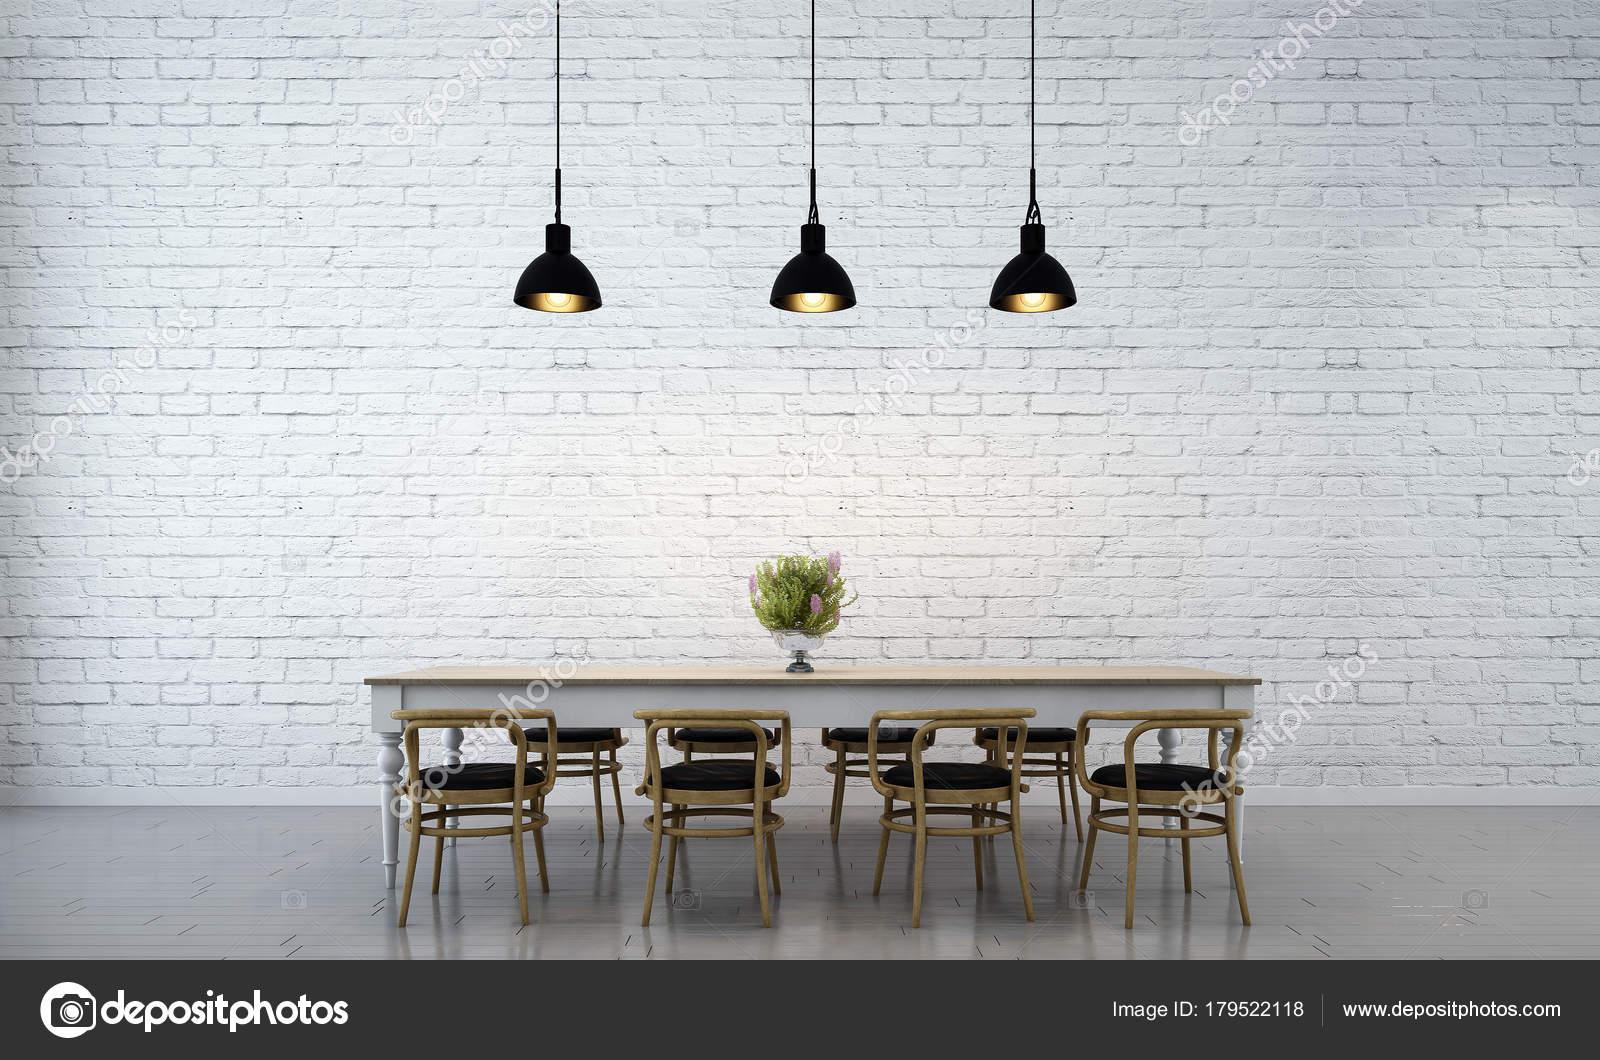 Interieur Ideeen Eetkamer.Interieur Design Concept Ideeen Voor Eetkamer Bakstenen Muur Textuur